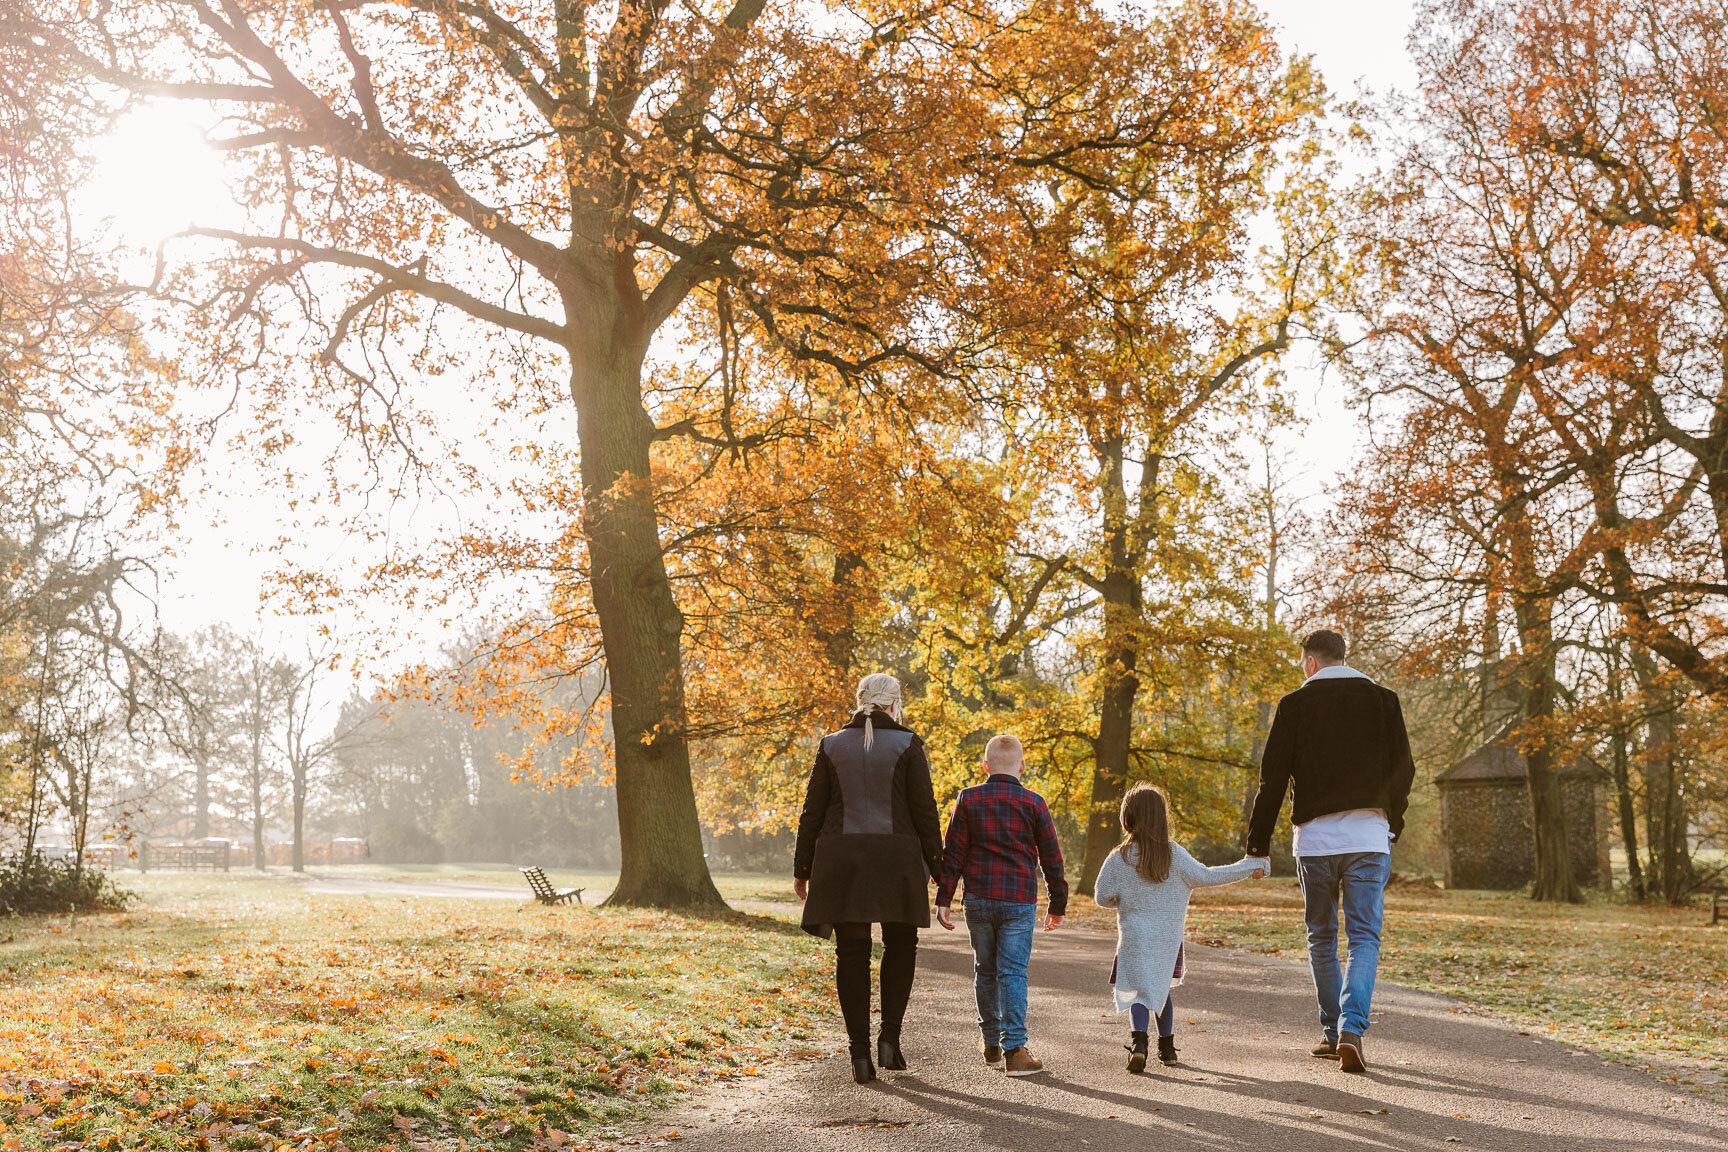 family walking through park in autumn